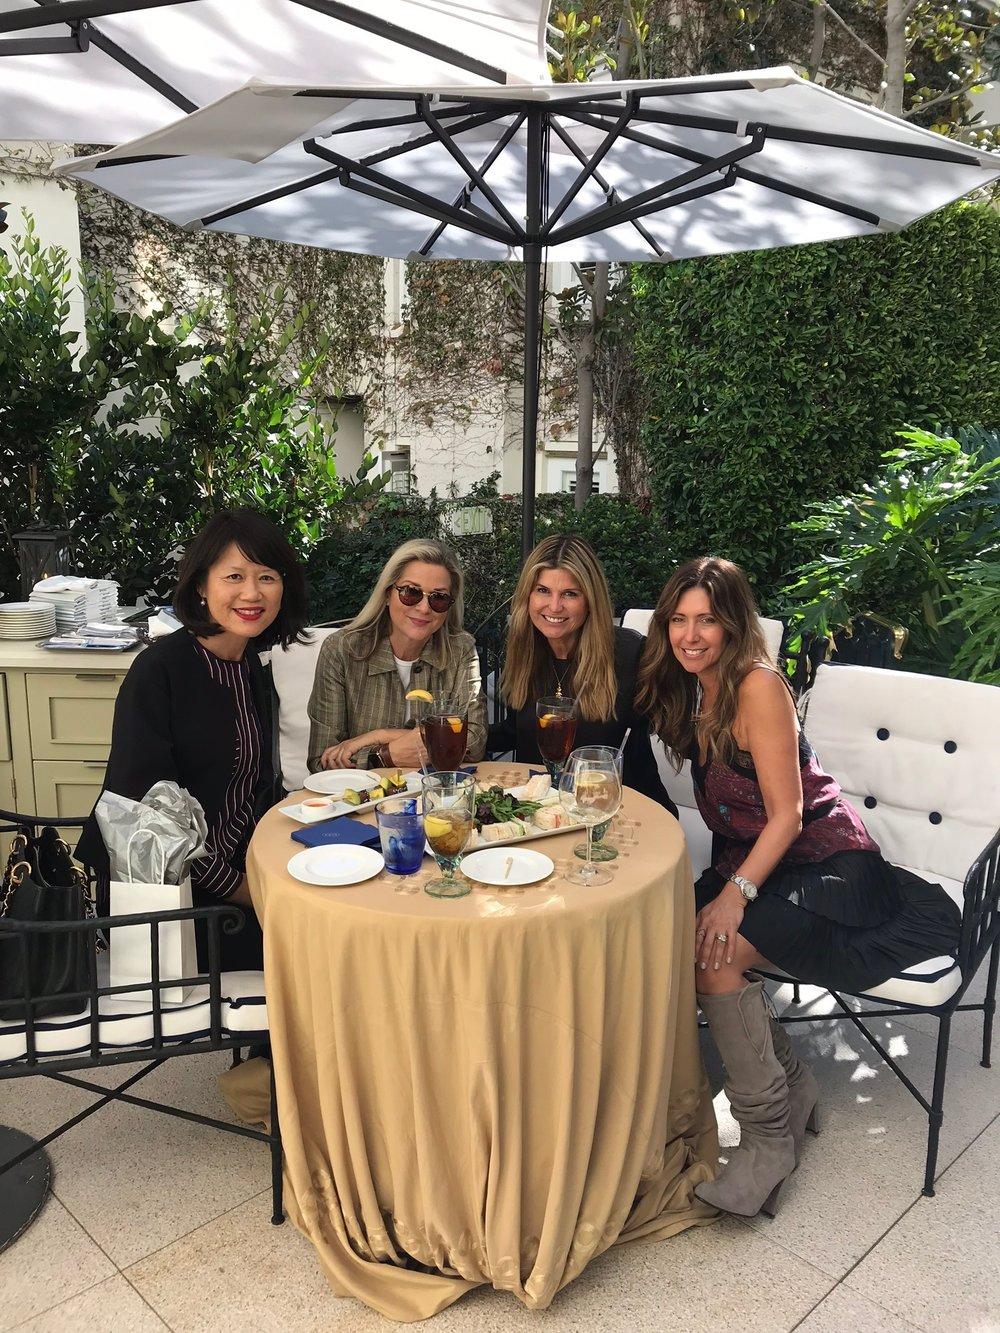 May Yeung, Cathy Moretti, Alexandra Musco